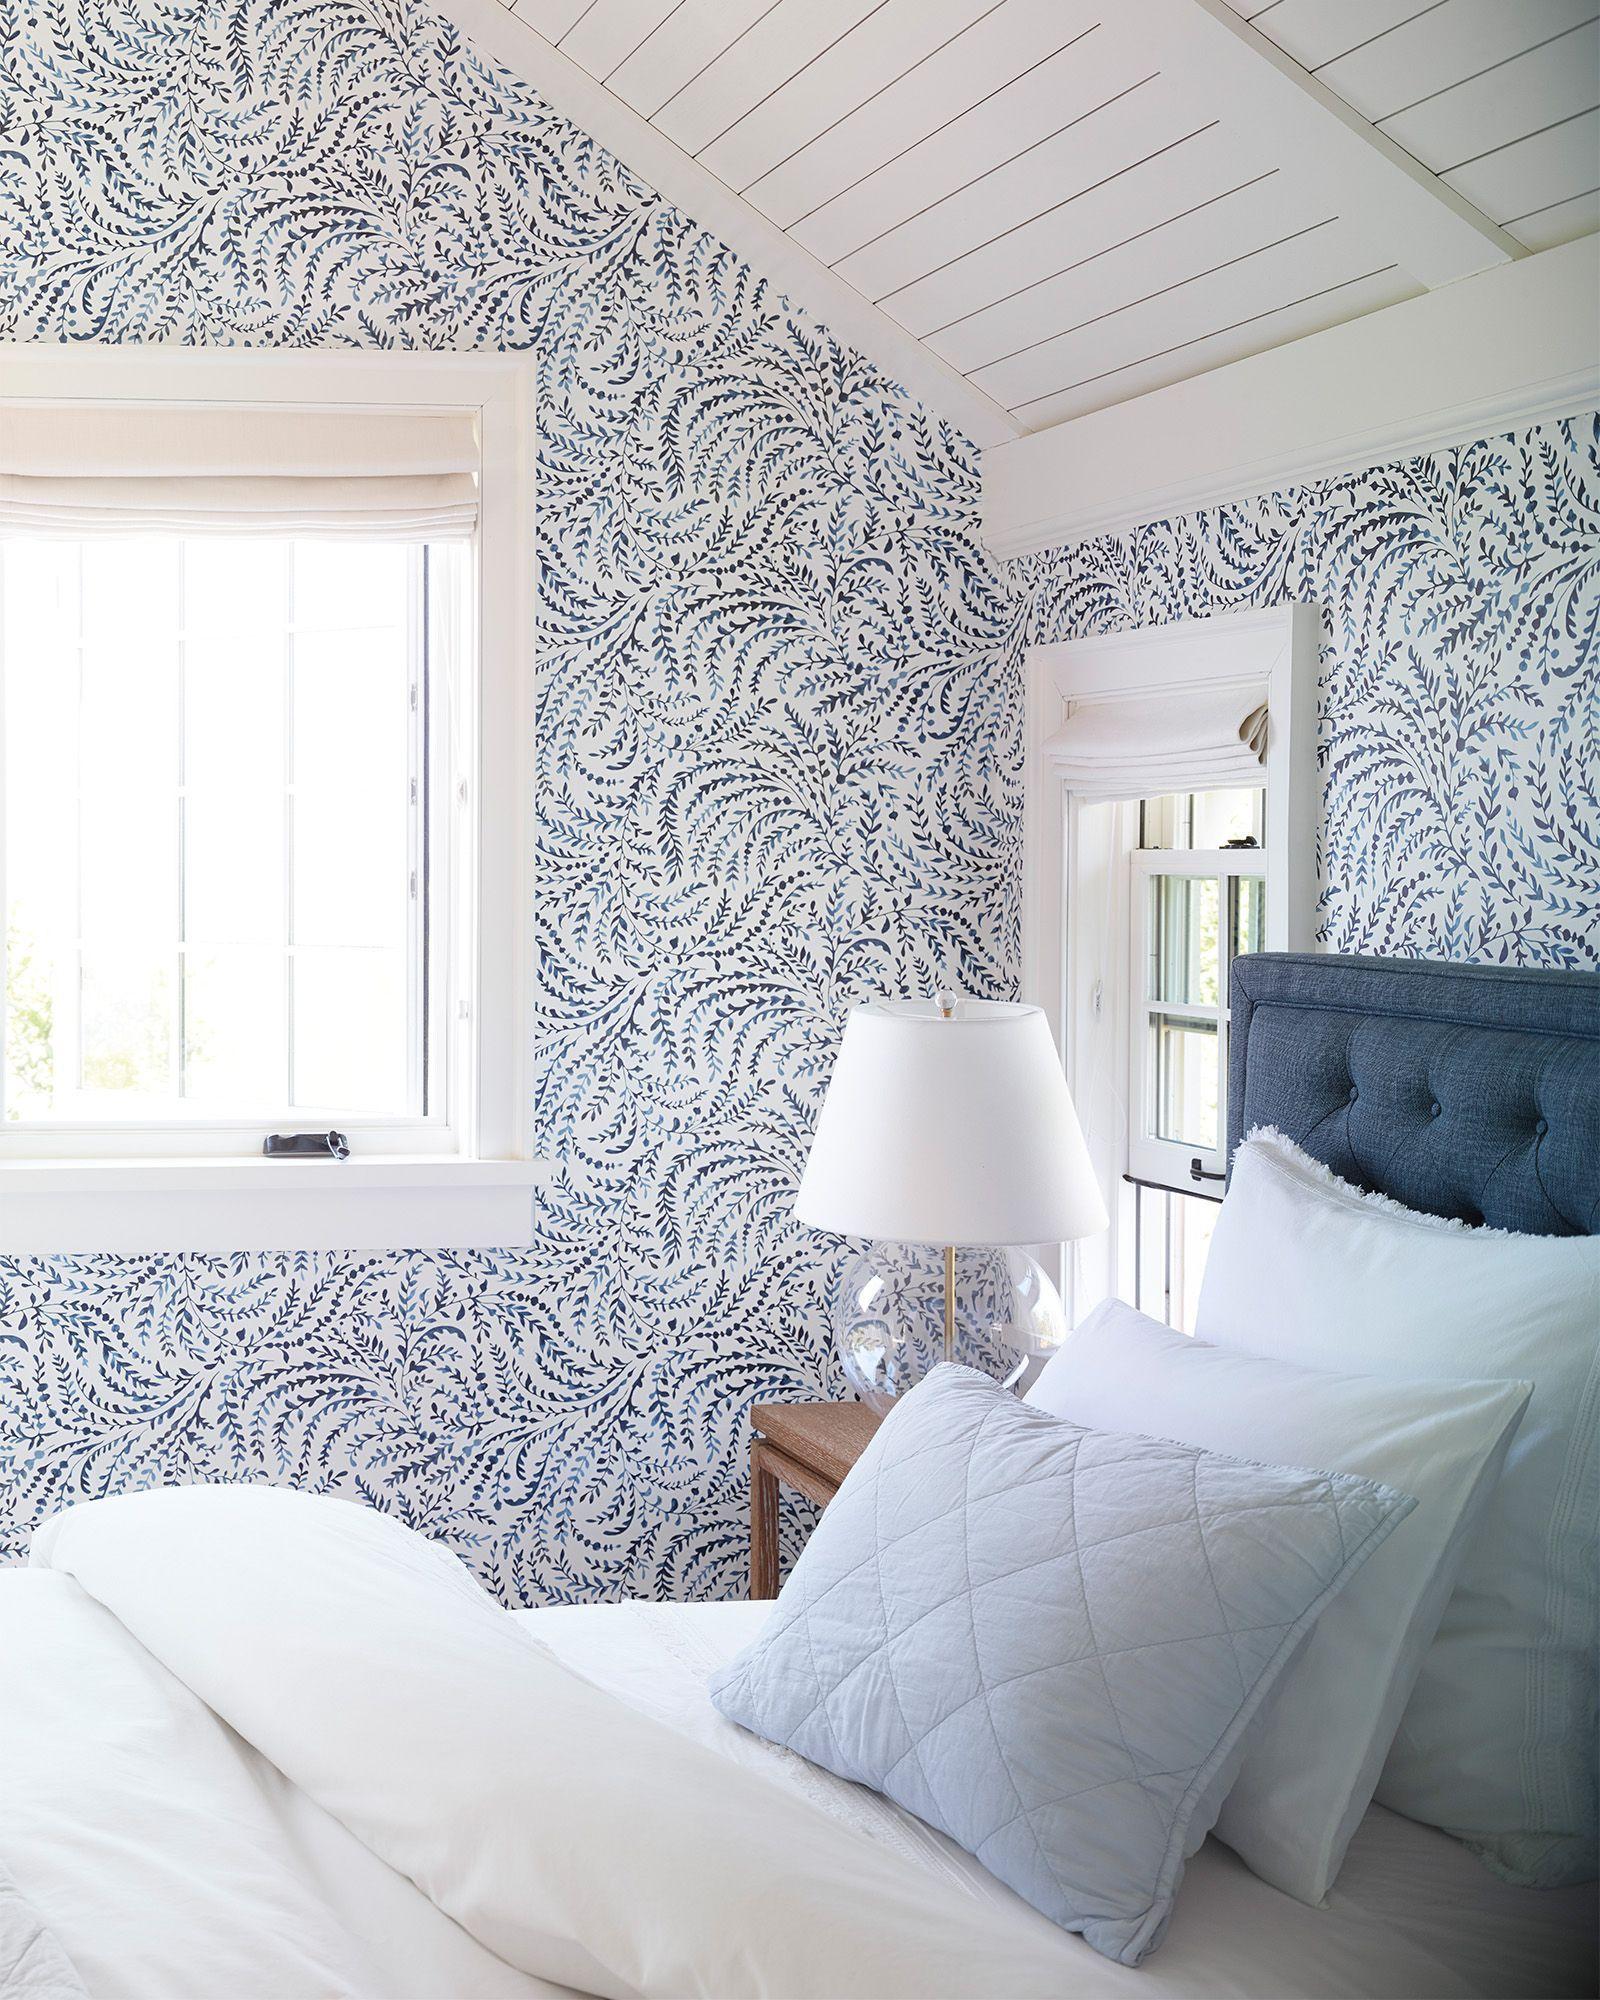 Serena & Lily Priano Wallpaper in 2019 Bedroom decor